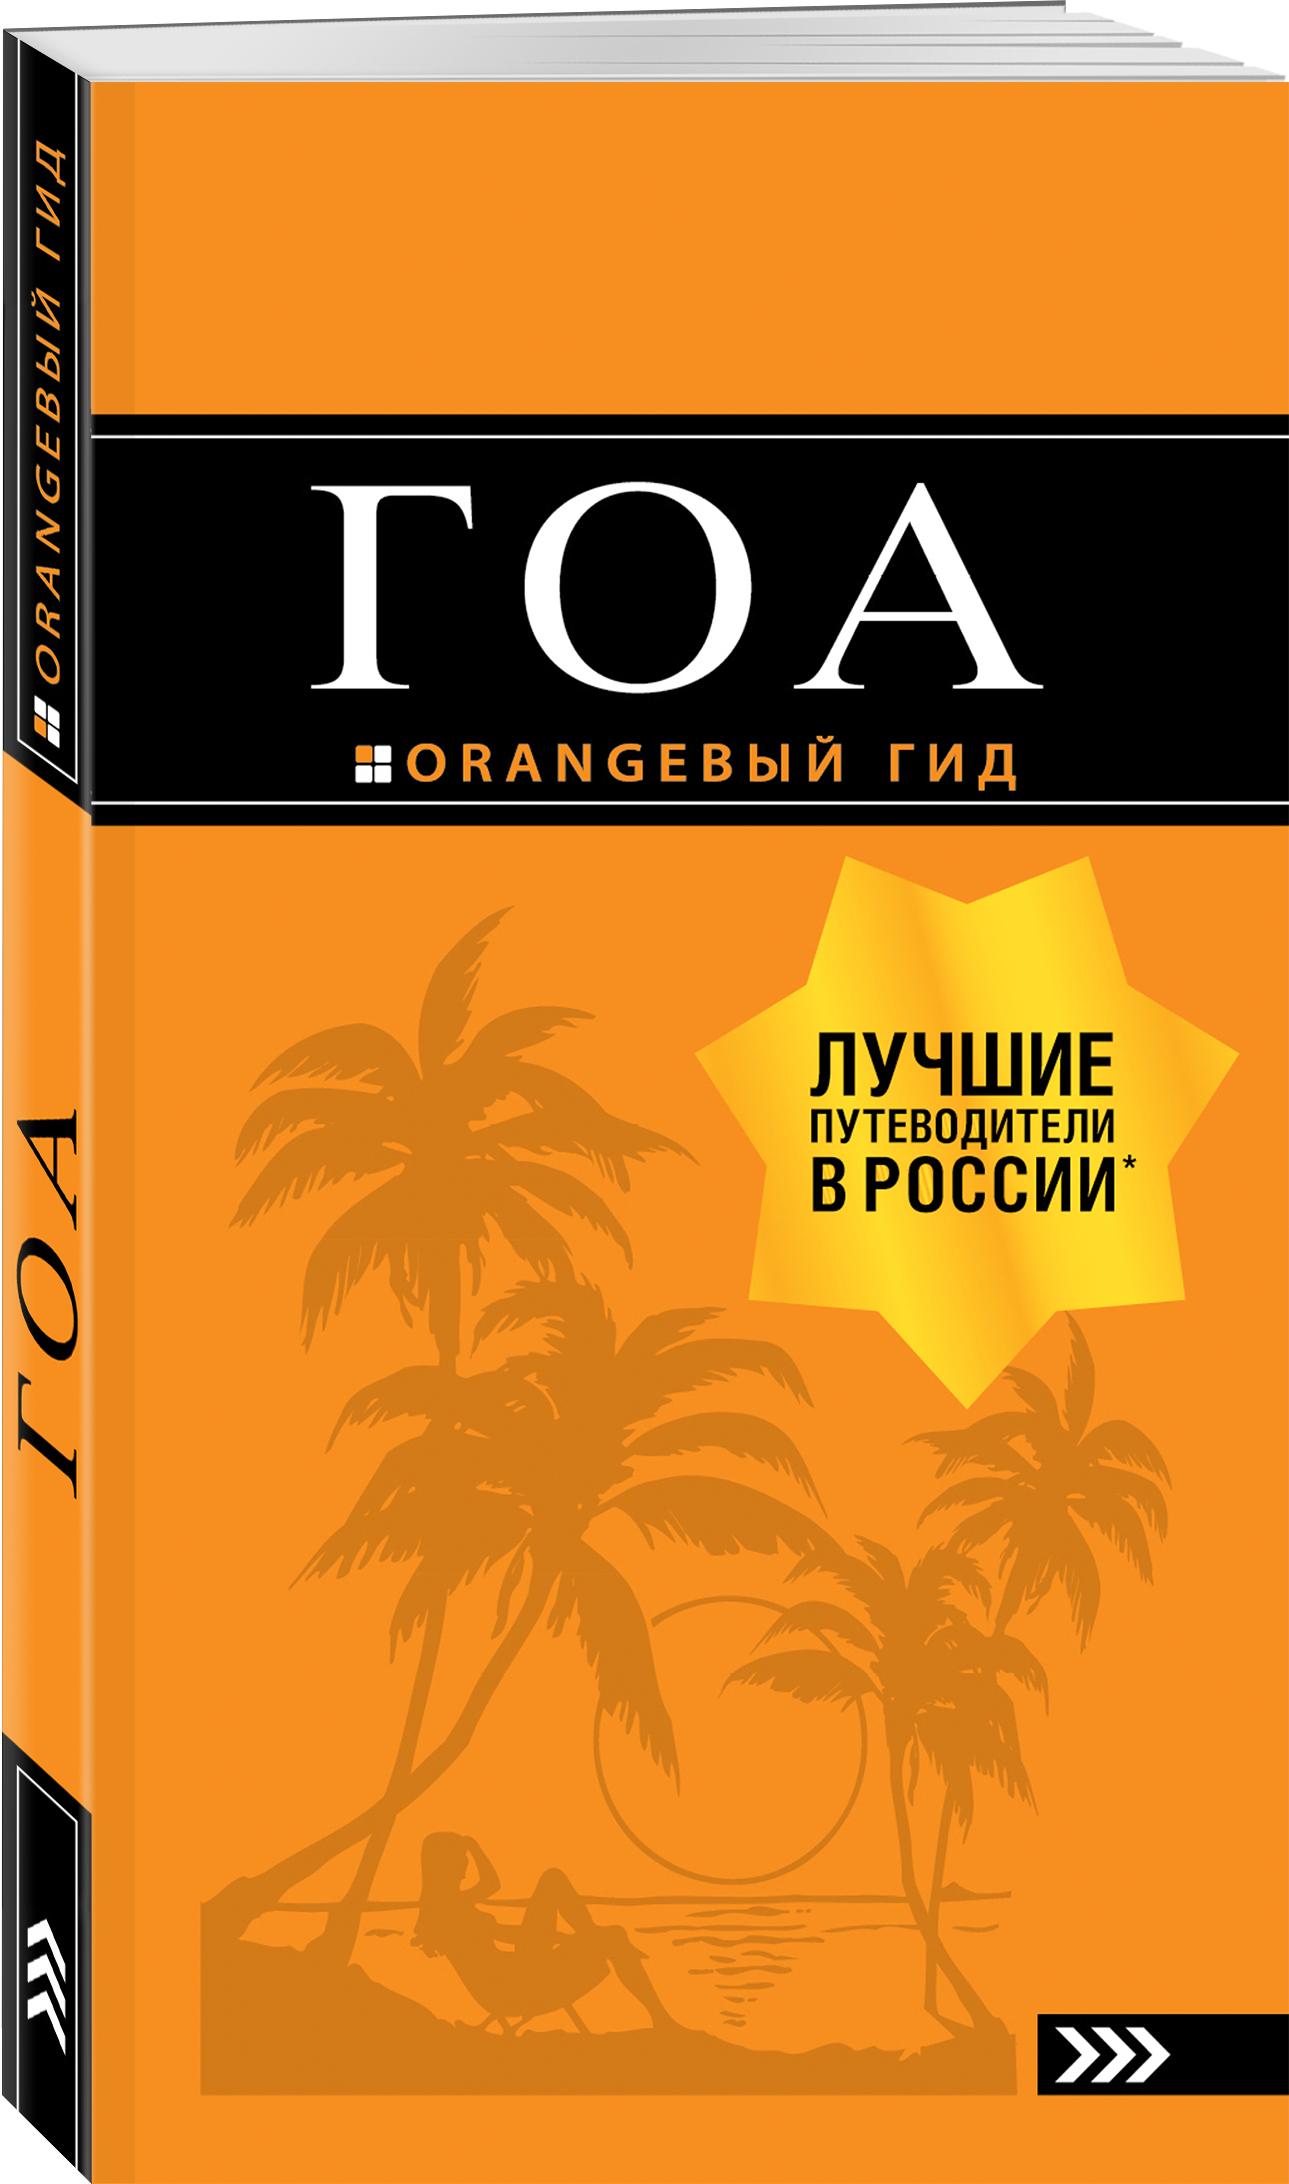 Давыдов А.В. Гоа: путеводитель. 3-е изд. стоу д гоа